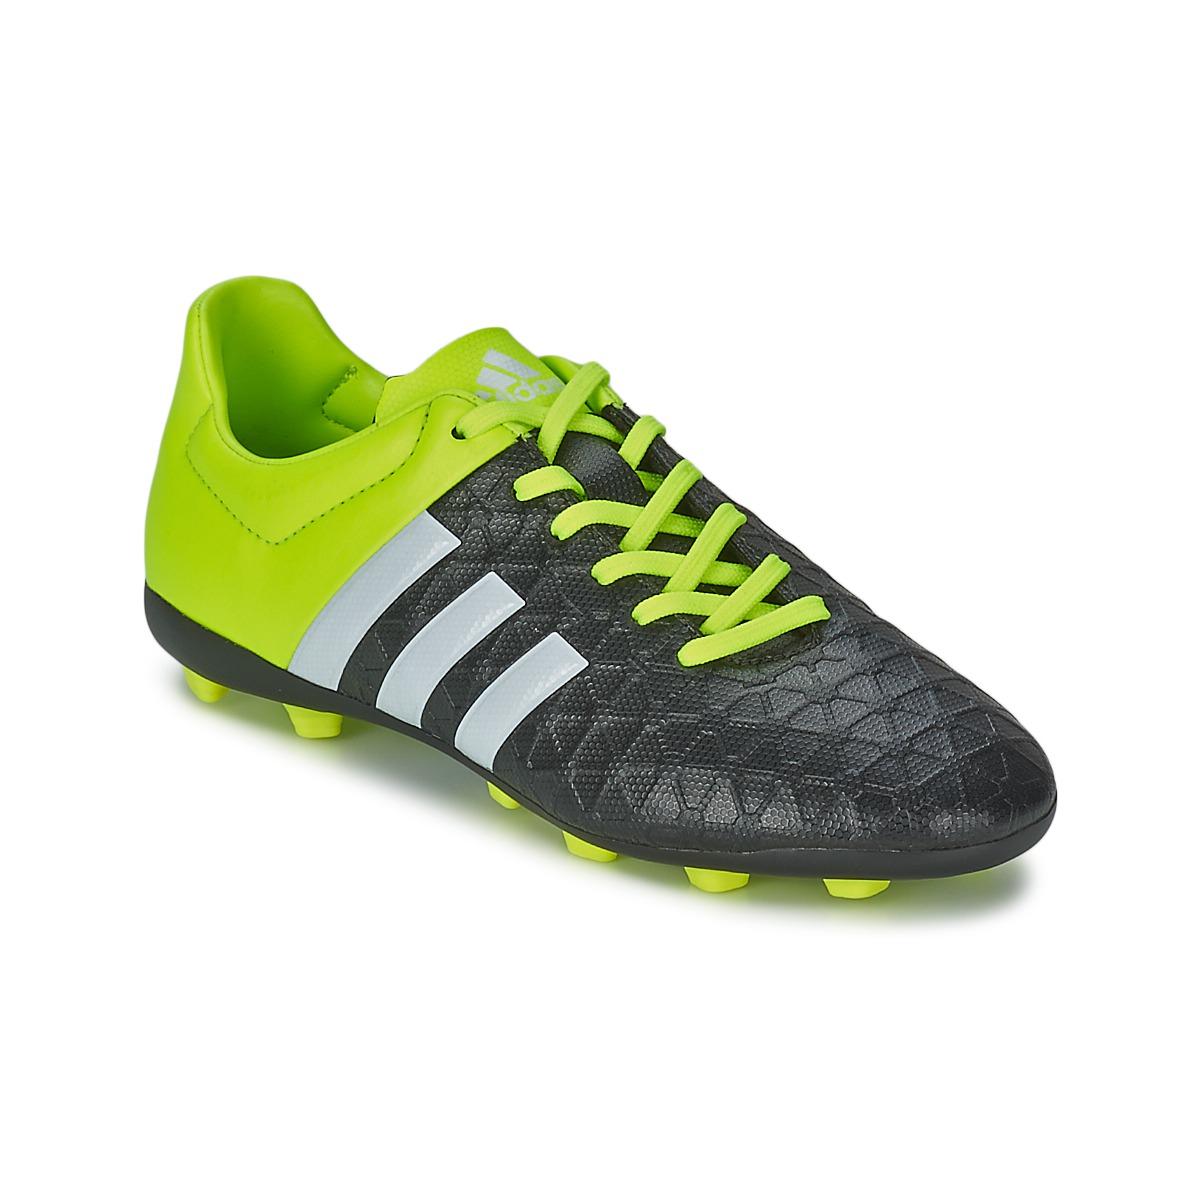 Adidas Ace 15.4 Fxg Junior (maat 29 en 38 2/3) voor €8 @ Spartoo